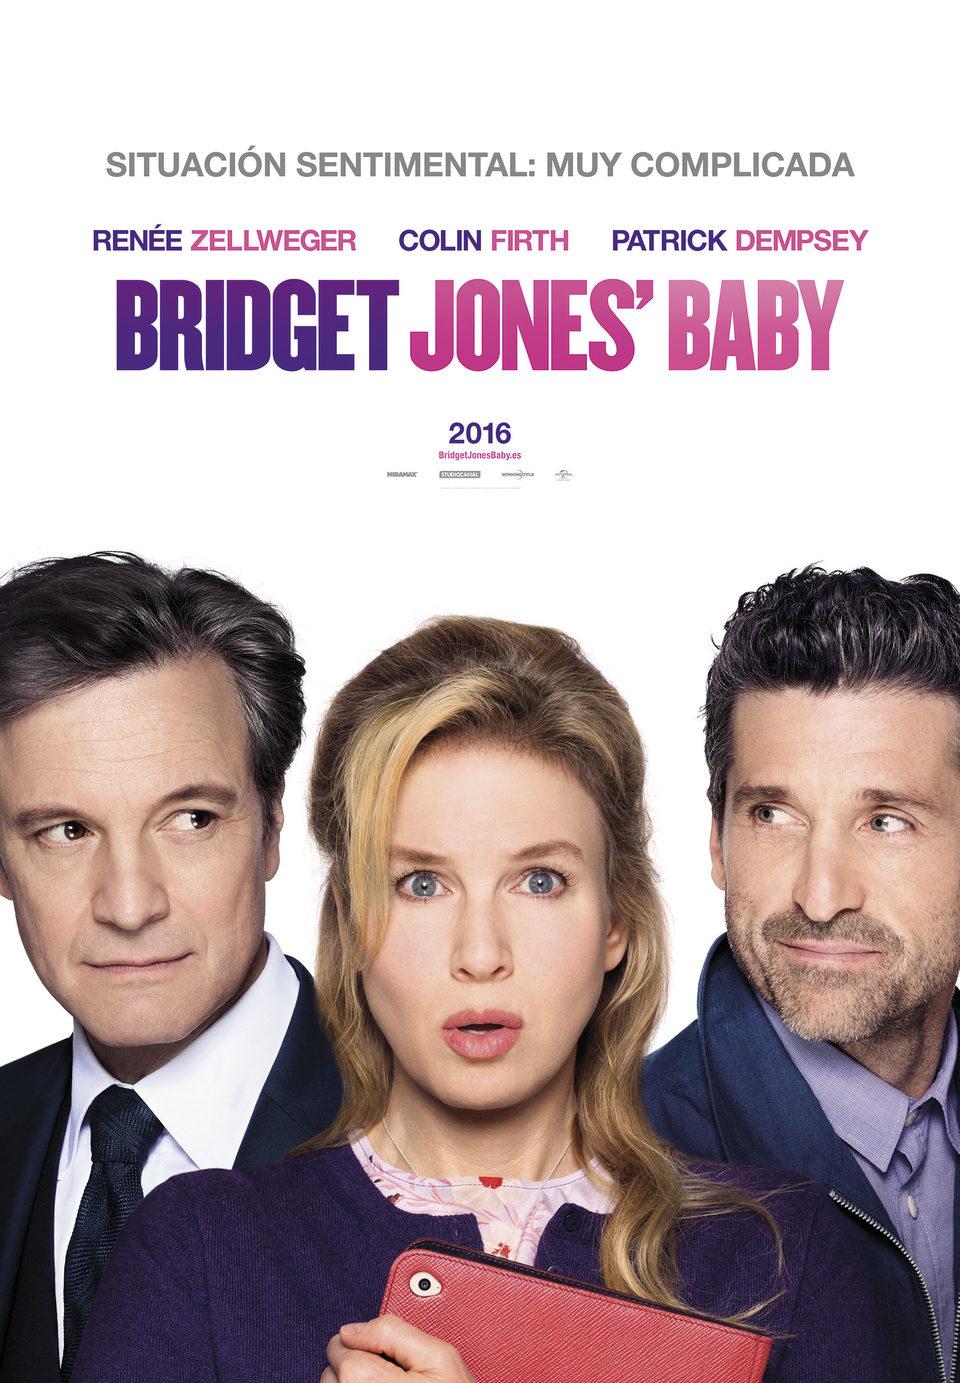 España #1 poster for Bridget Jones' Baby